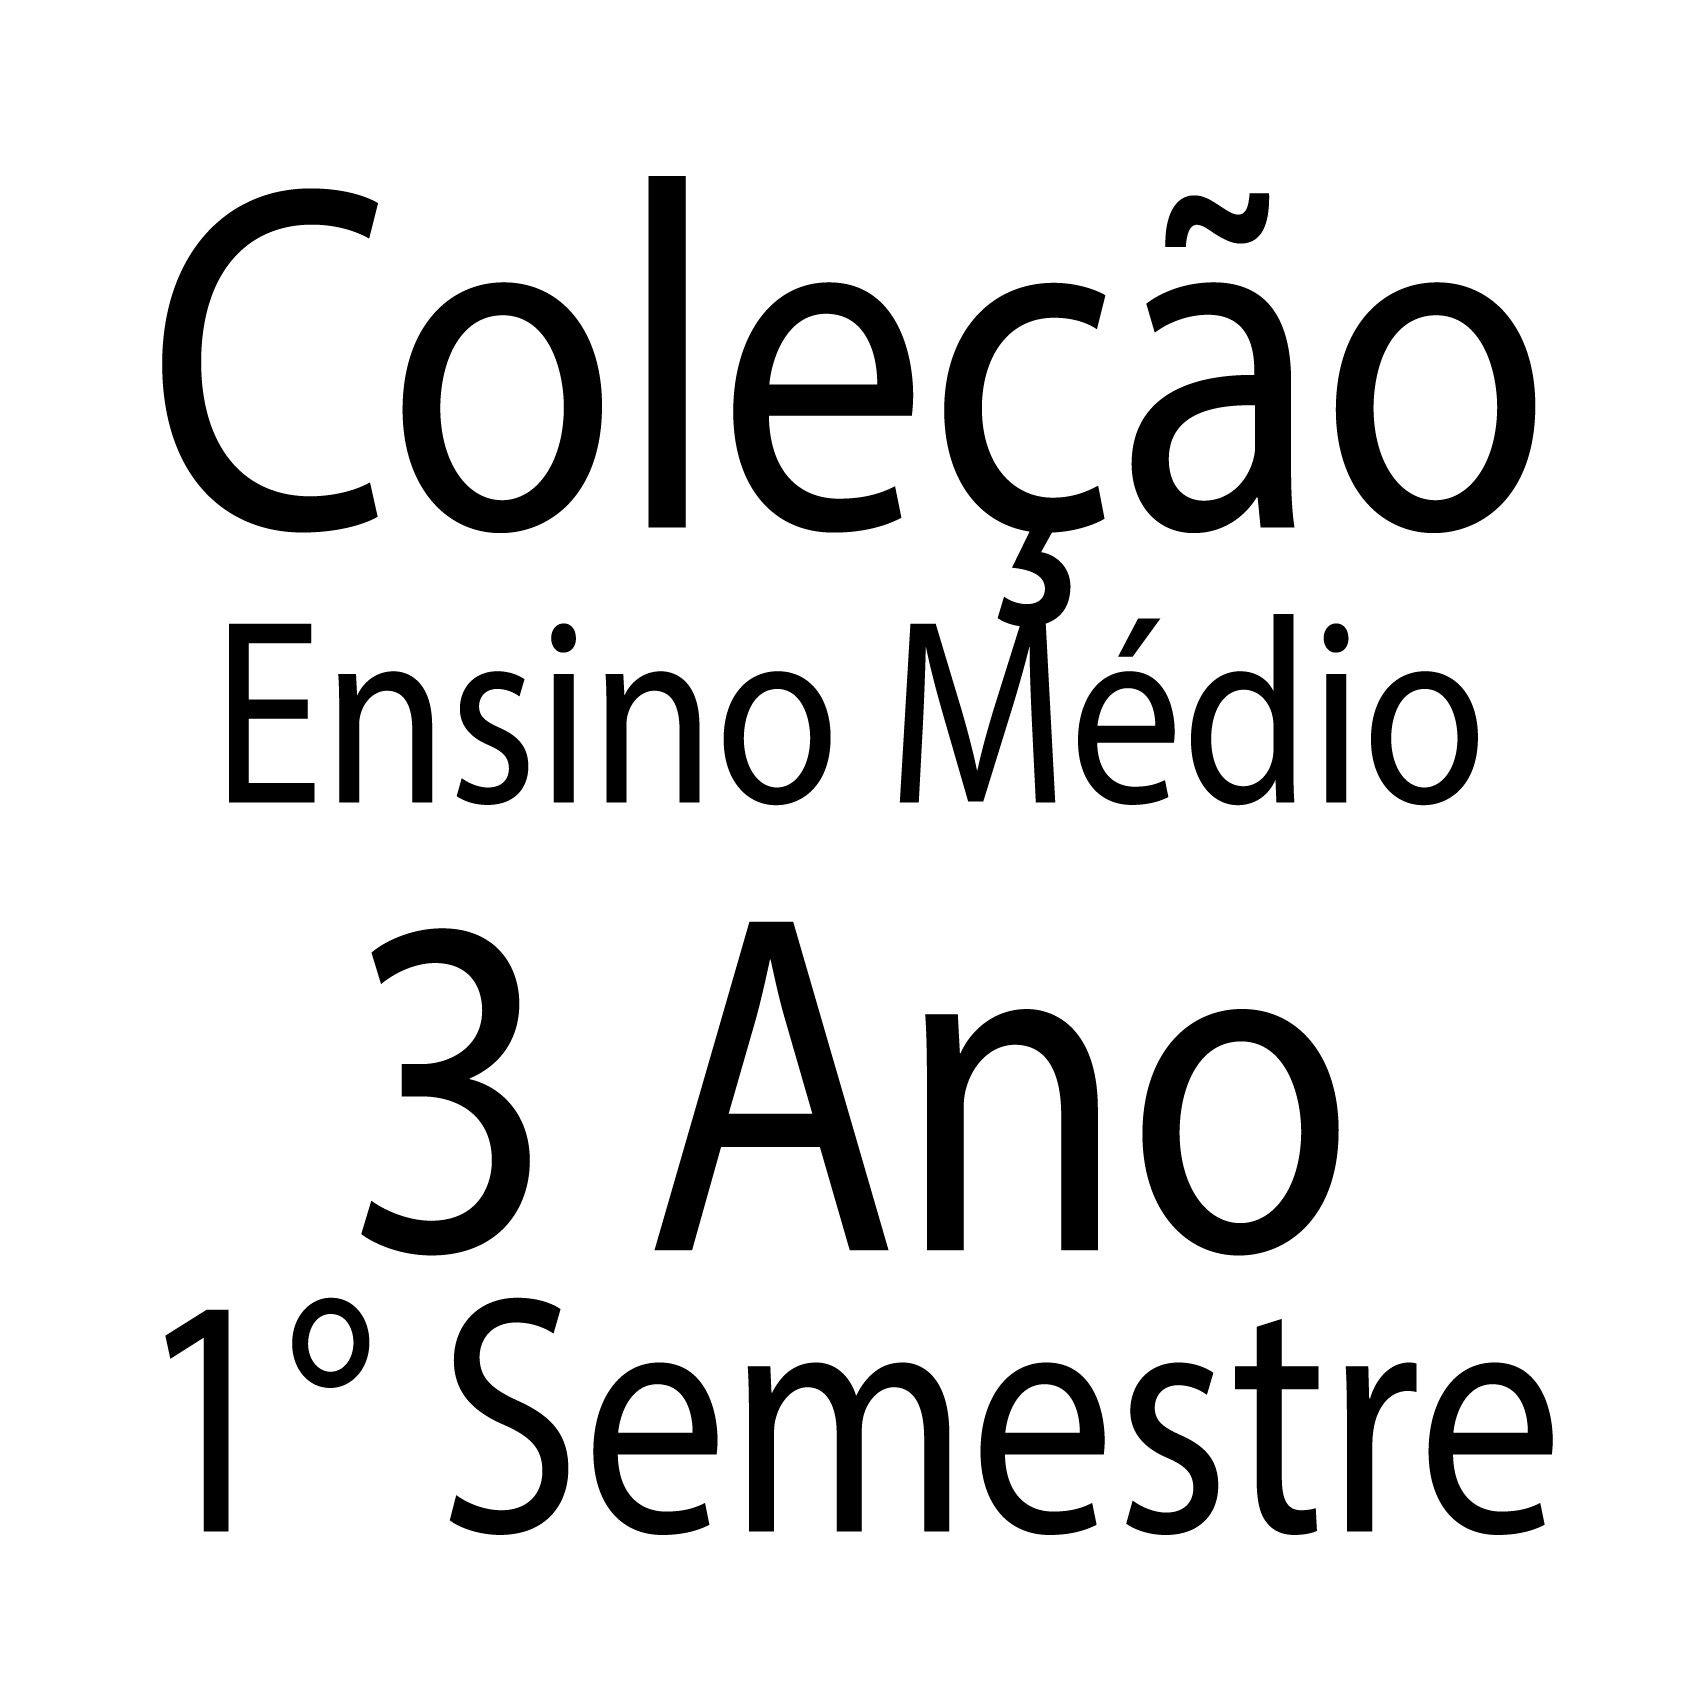 Coleção Ensino Médio - 3 Ano - 1° Semestre